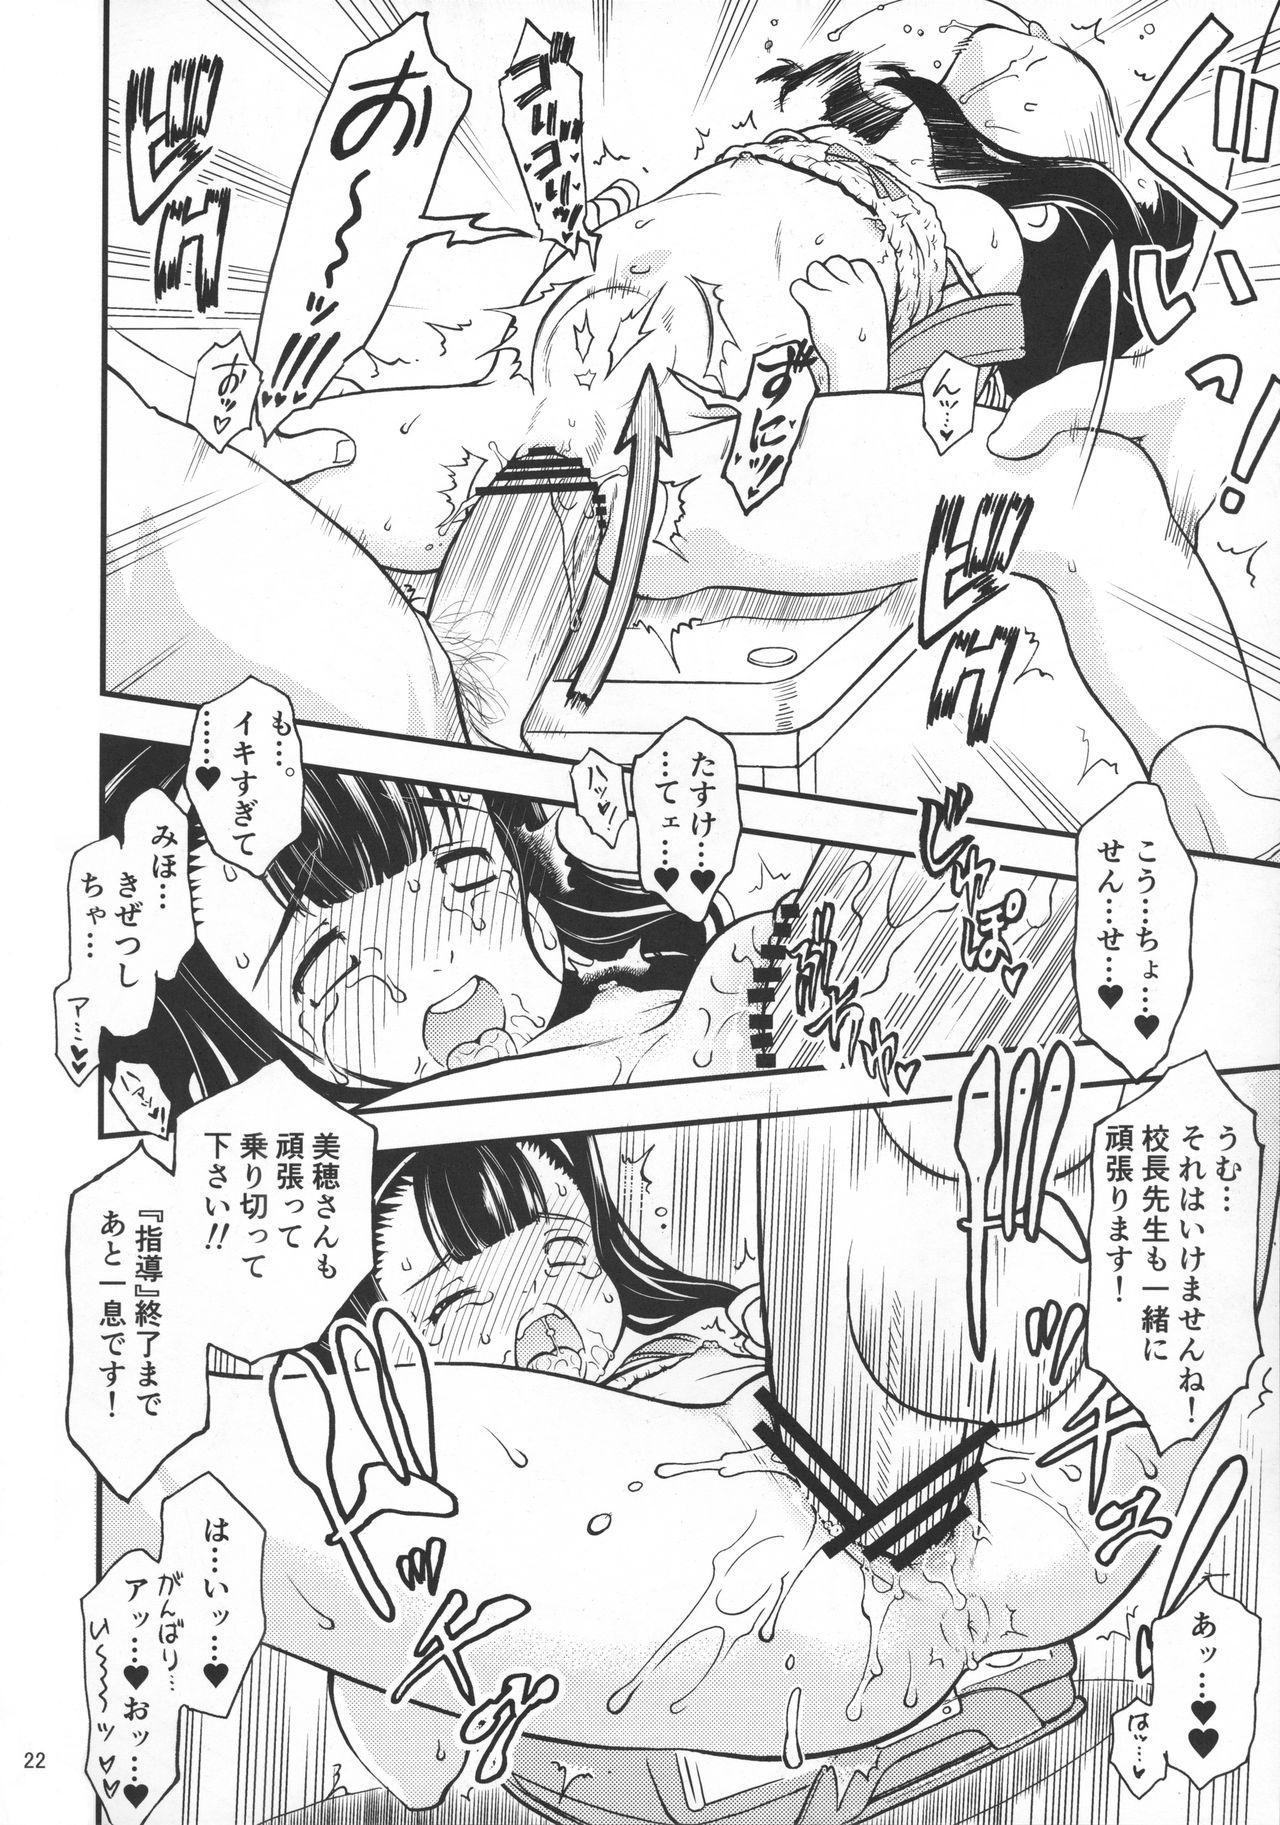 Heisei 29-nendo Tokushu Ginou Yuushuu Seito Shidou Youkou 23